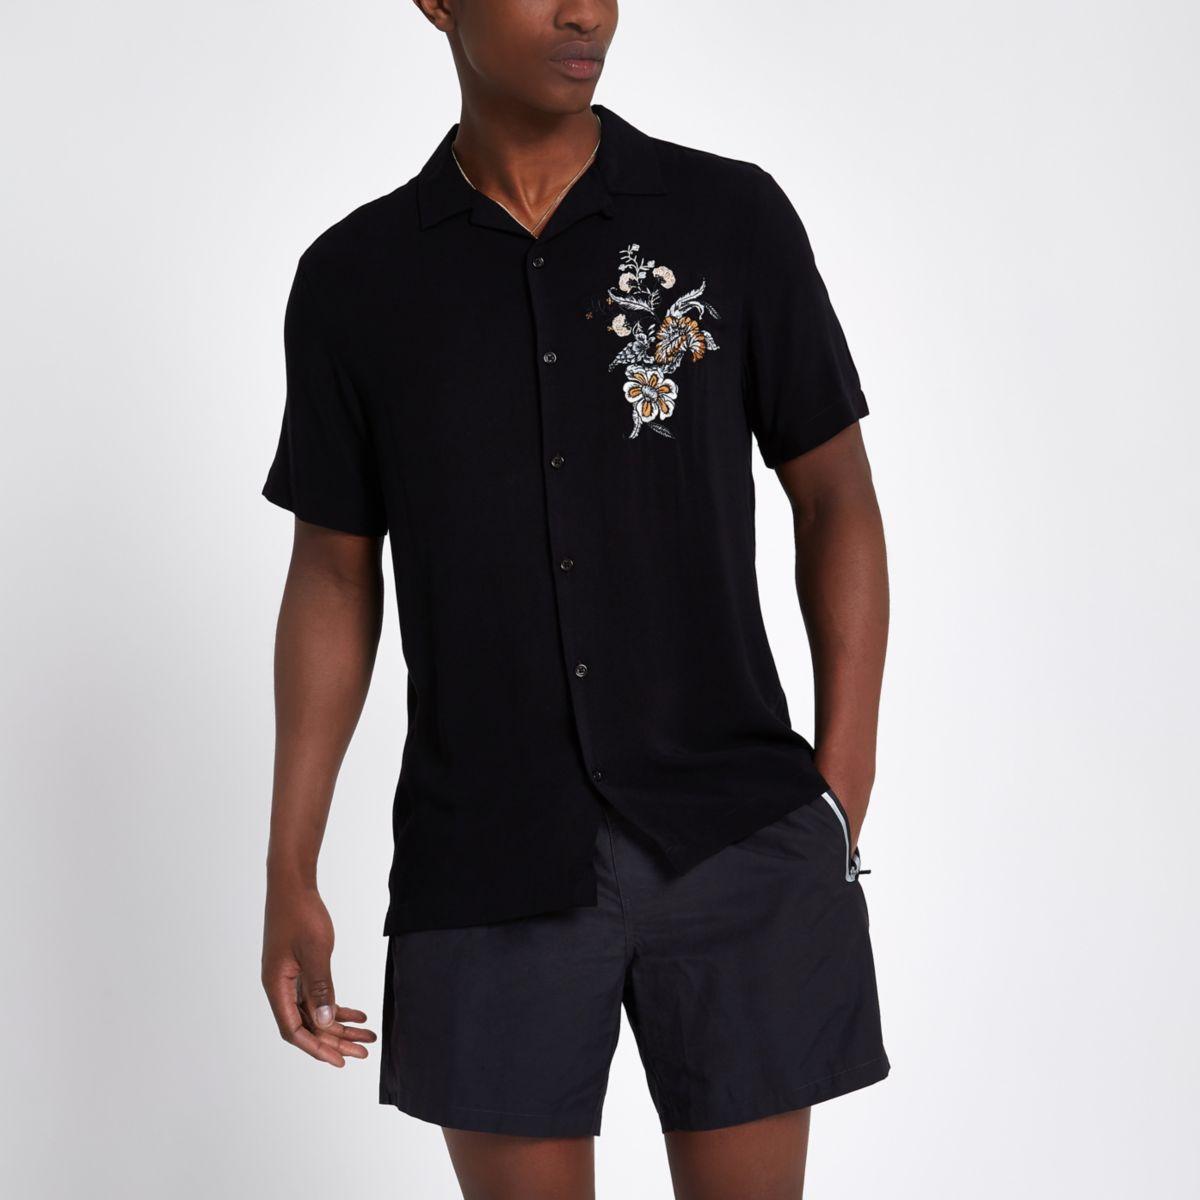 Chemise casual noire à fleurs brodées